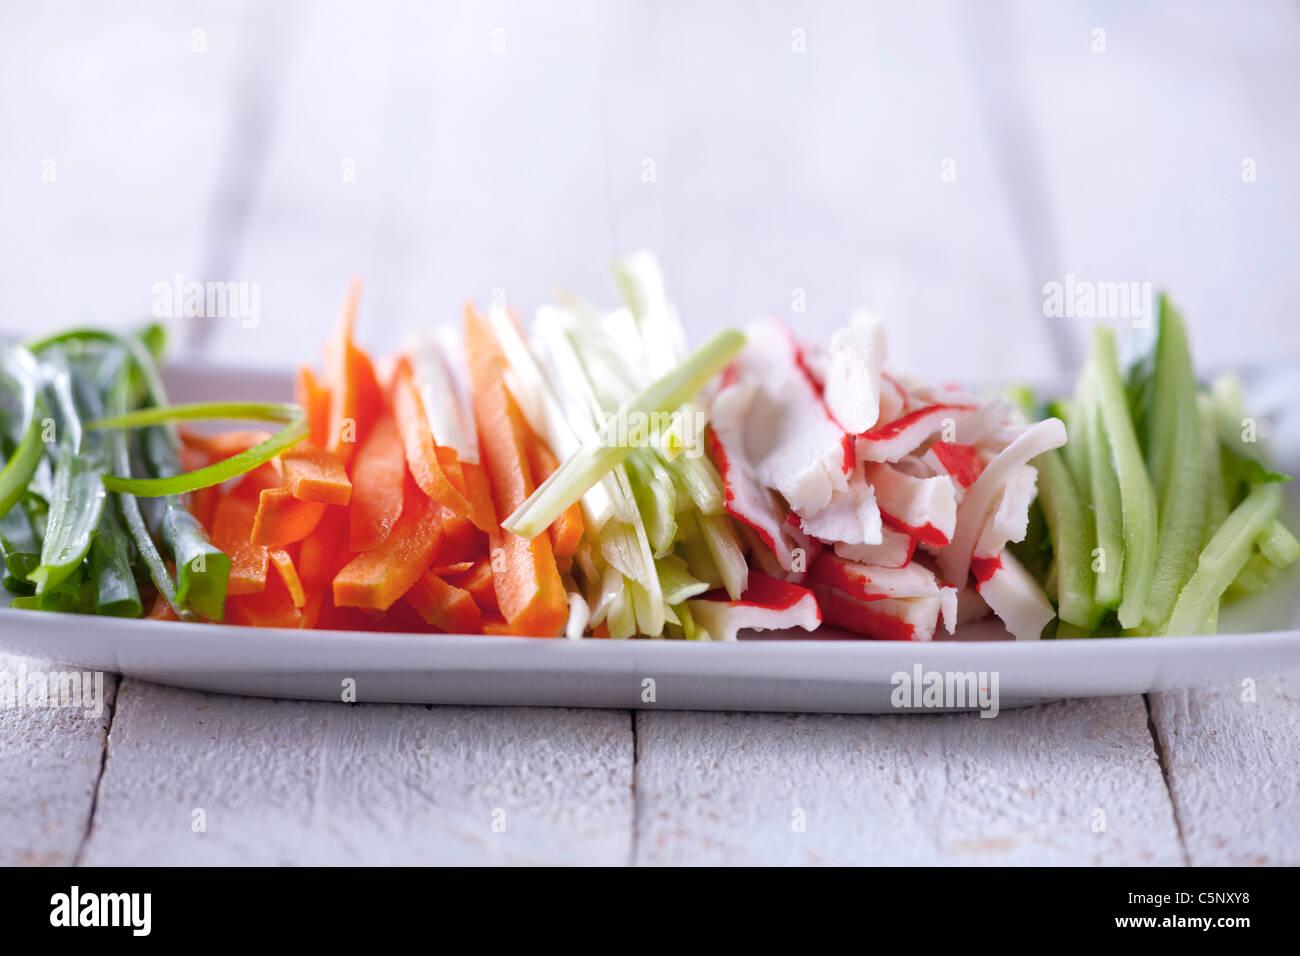 Rayures de la ciboulette, carottes, poireaux, surimi et concombre Photo Stock